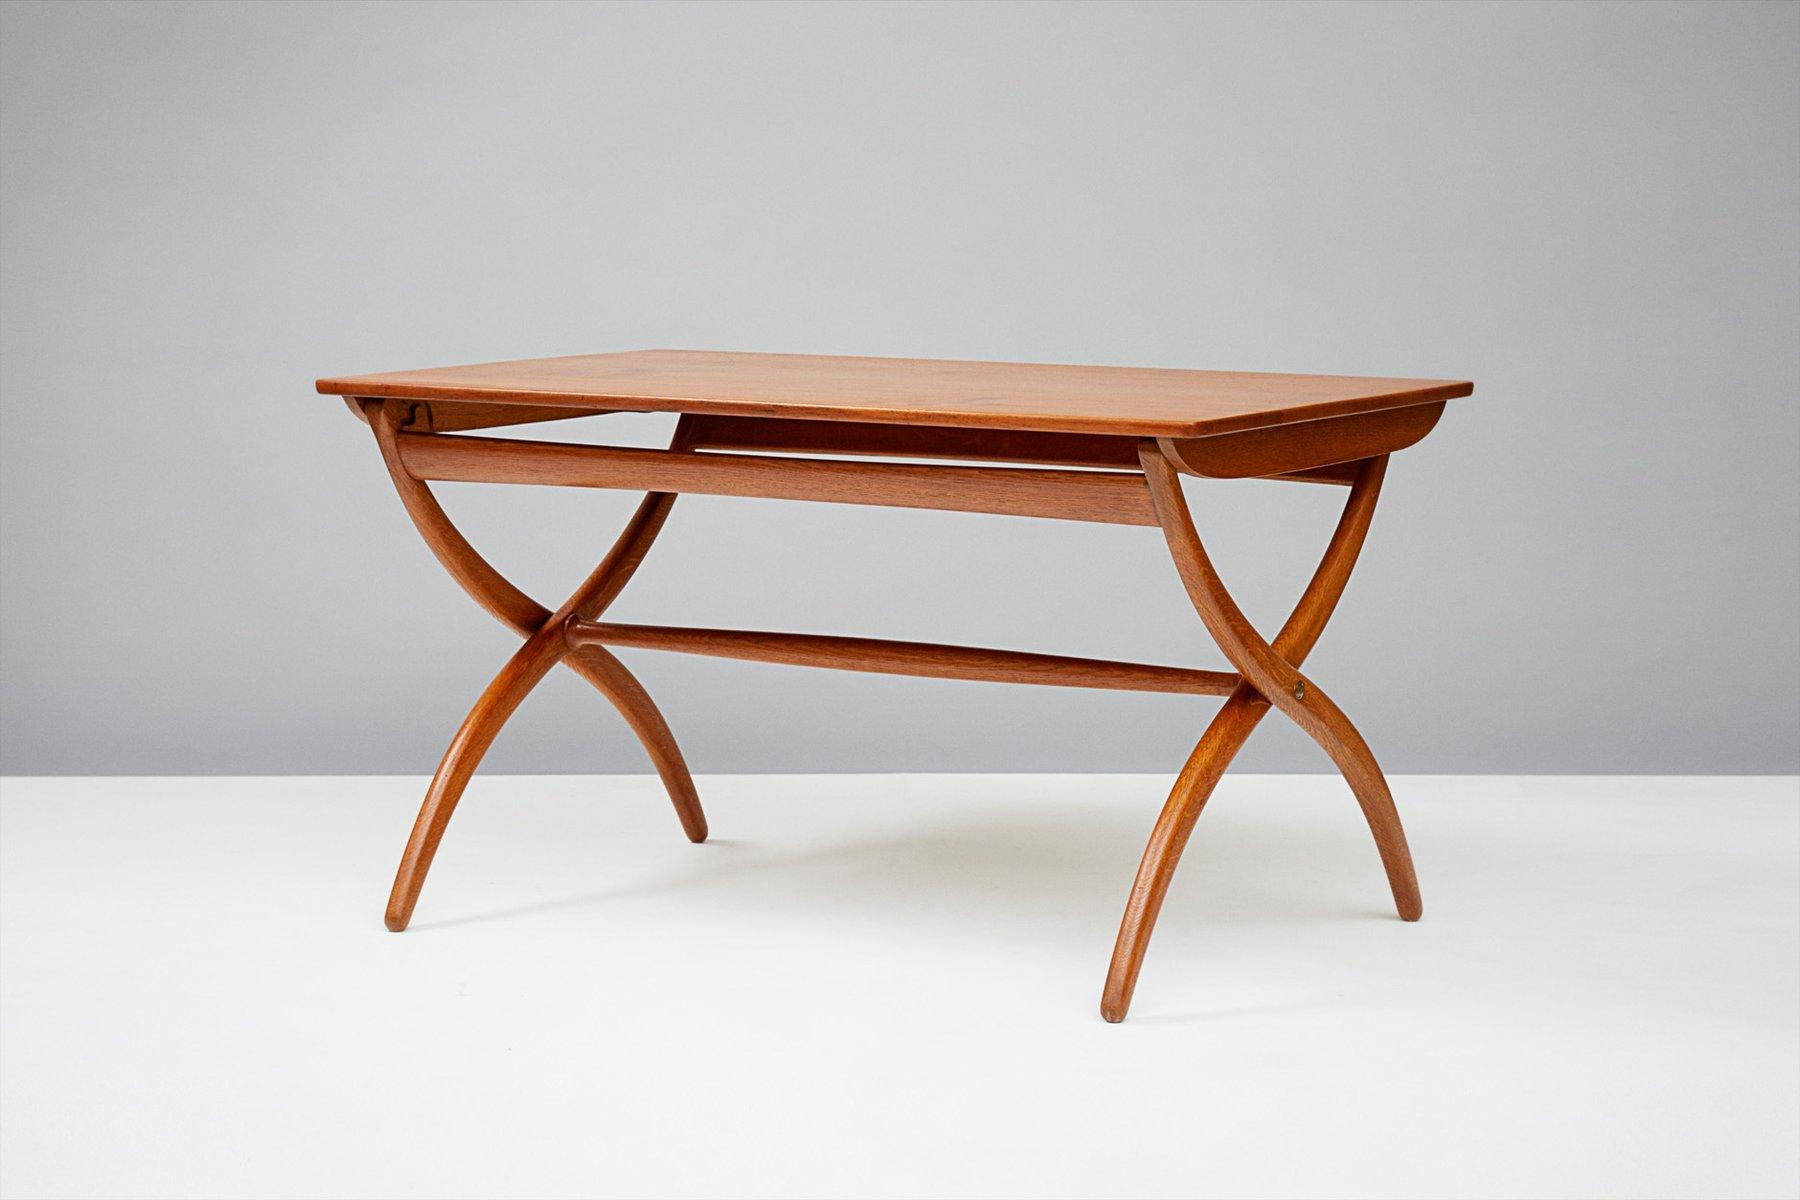 table avec pieds crois en teck et ch ne par ole wanscher pour rud rasmussen 1951 en vente sur. Black Bedroom Furniture Sets. Home Design Ideas